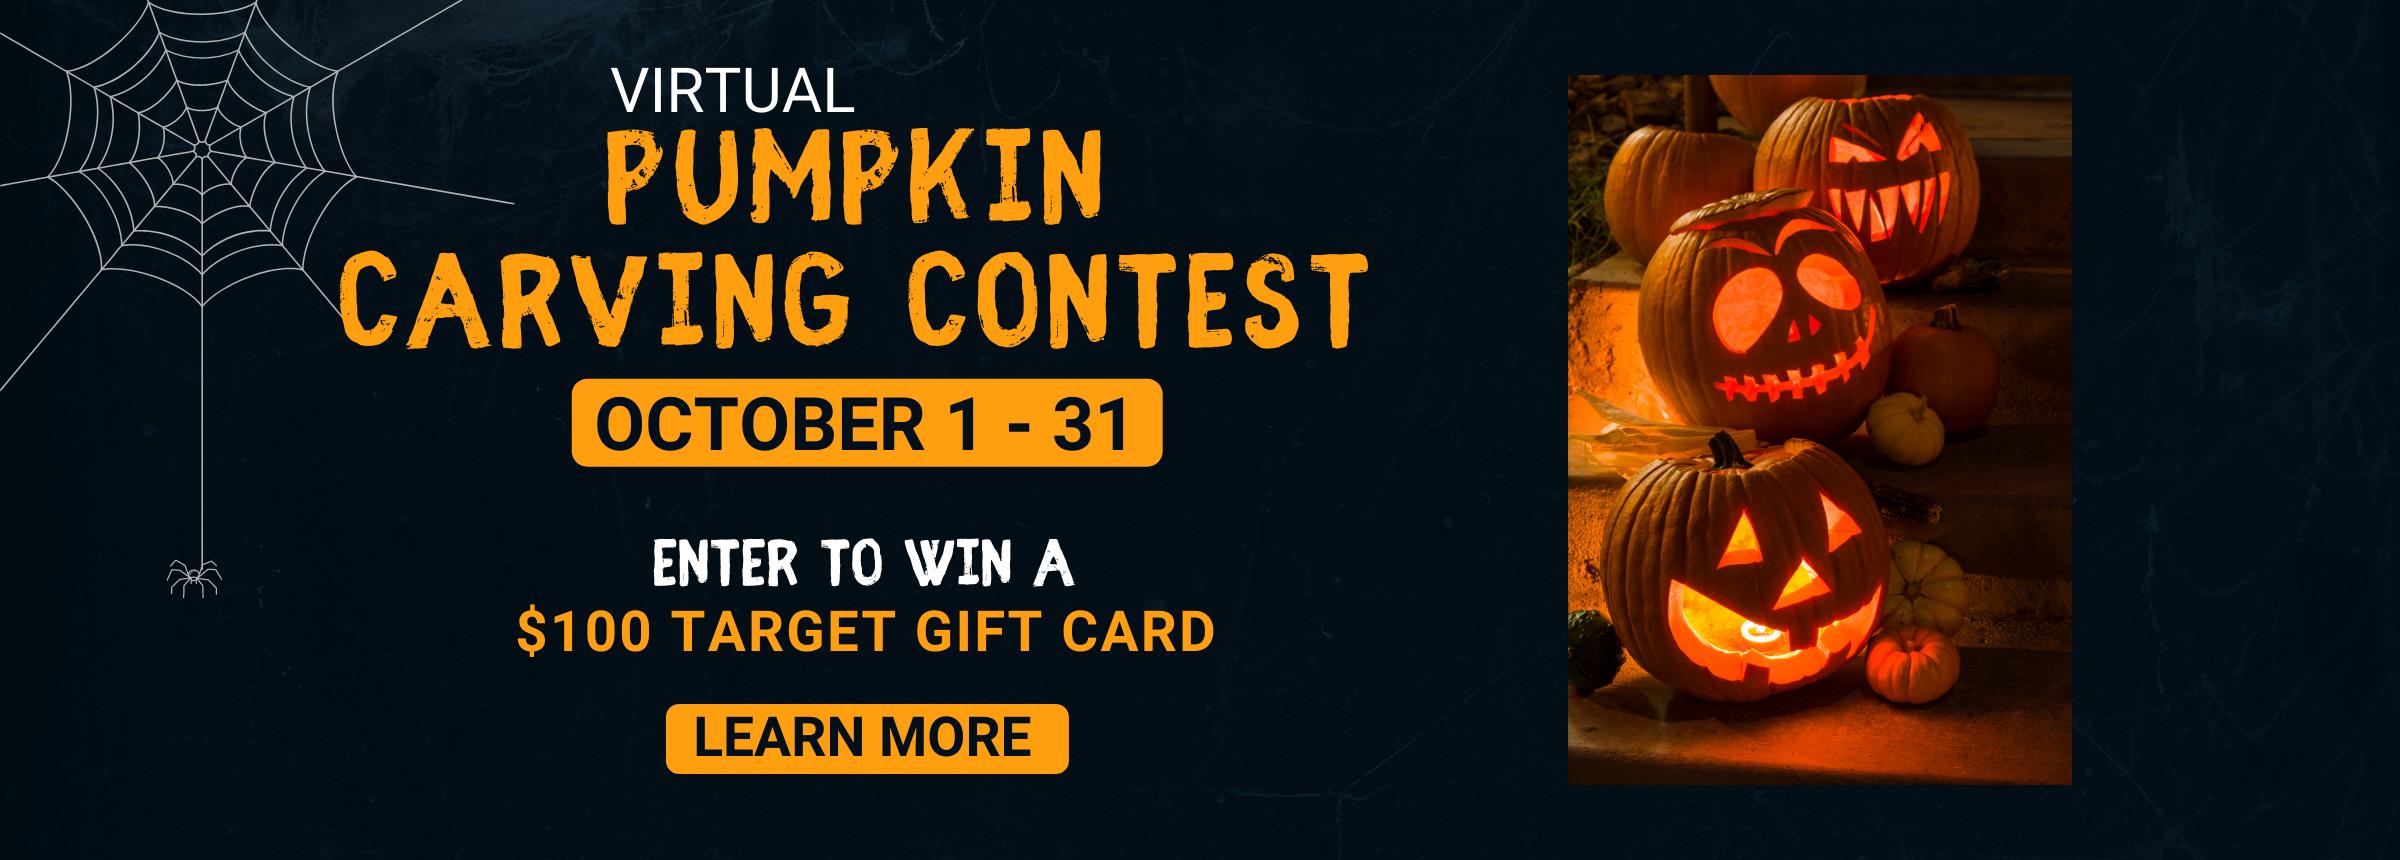 pumpkin carving contest slider